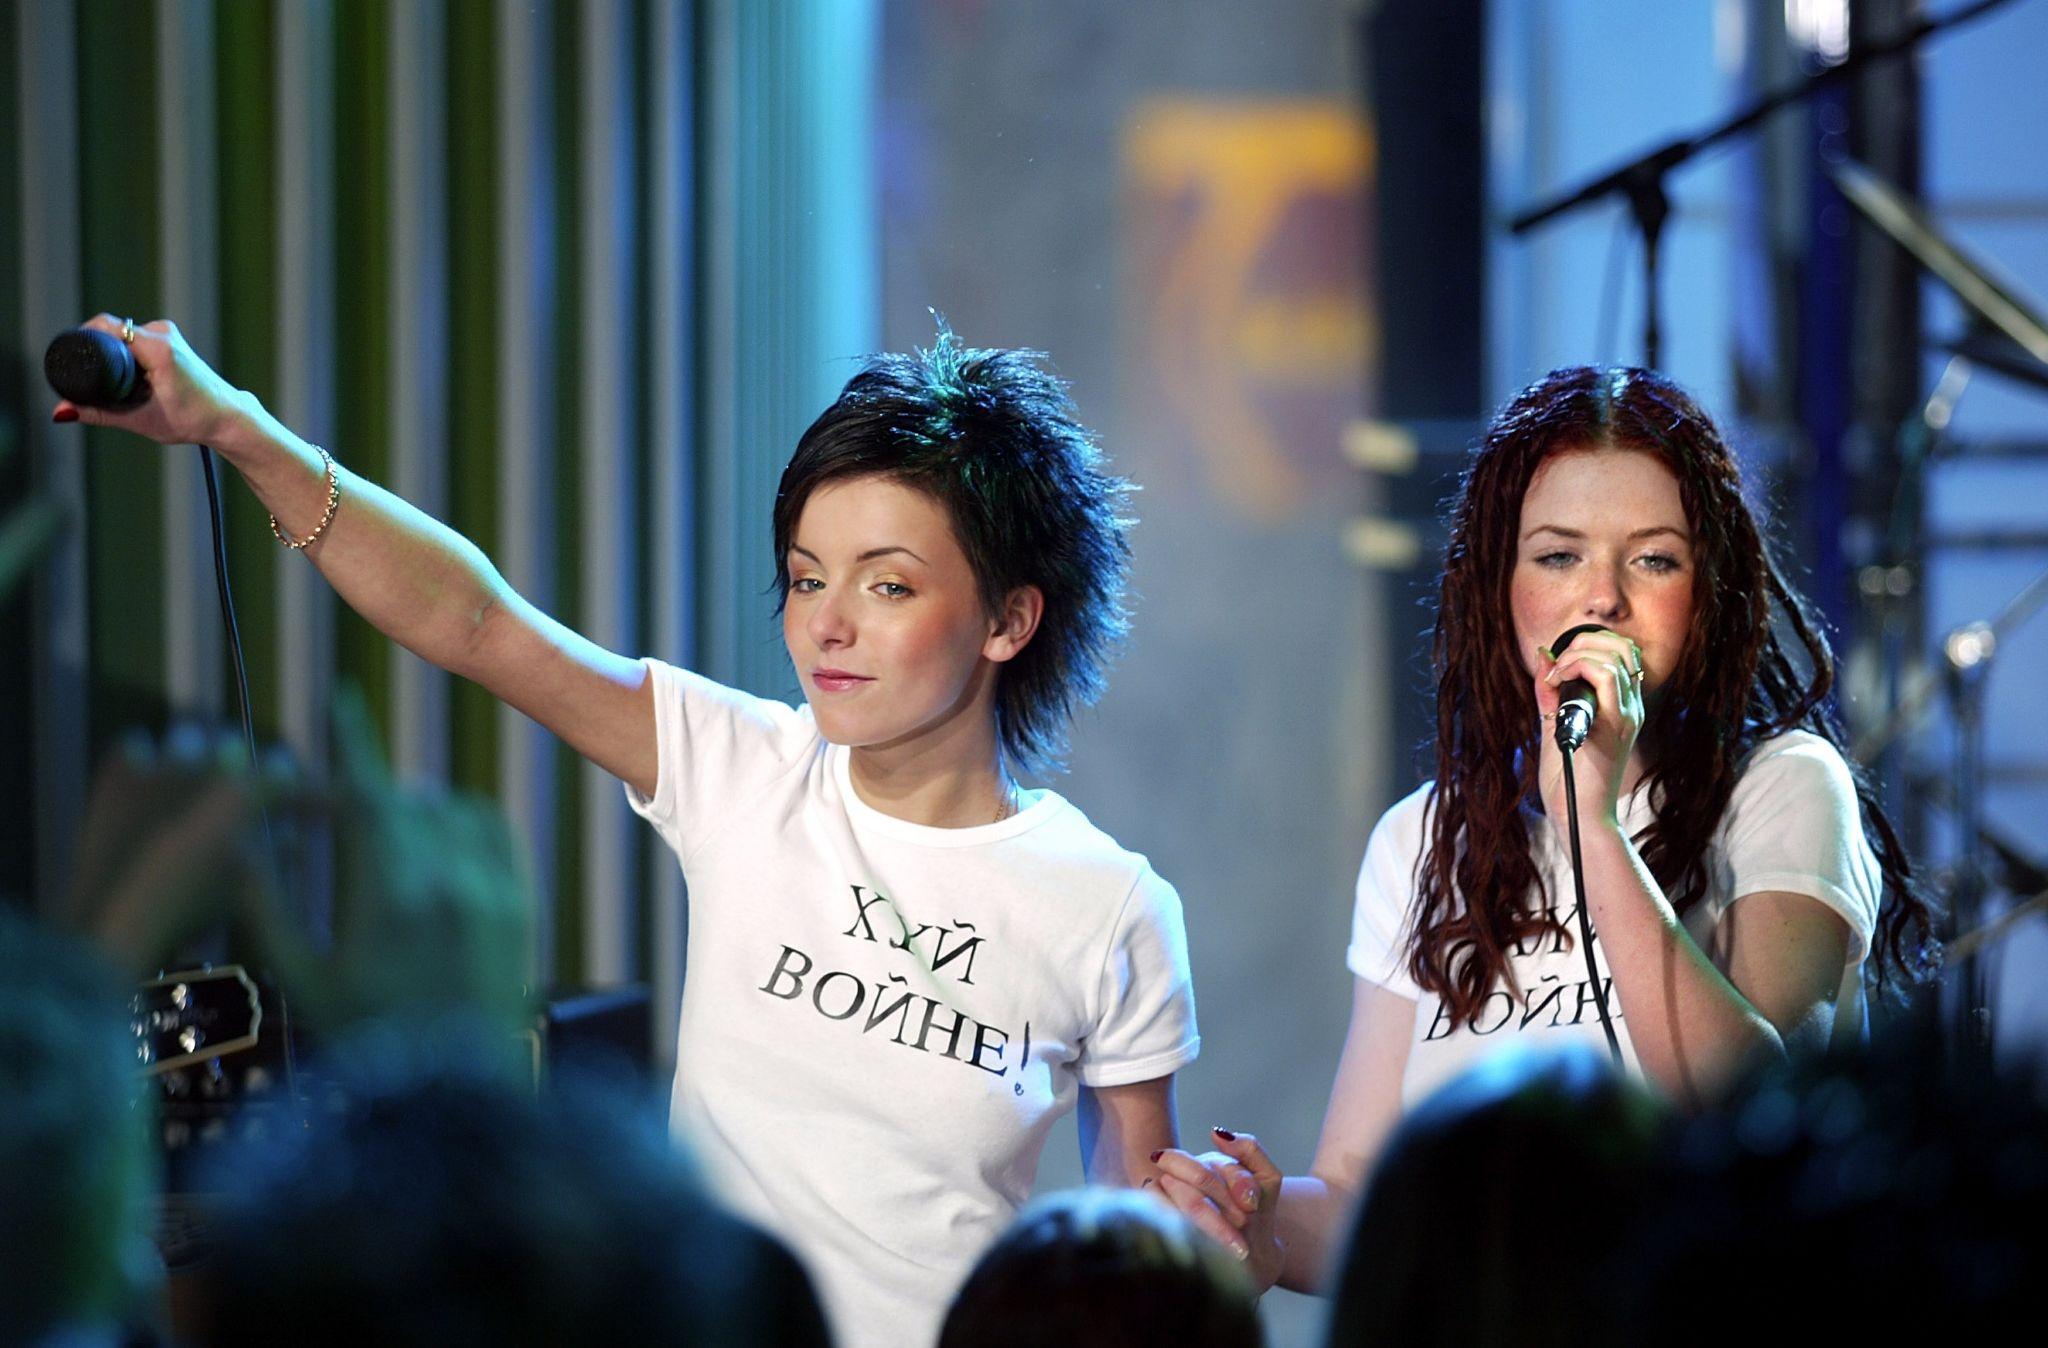 Лена Катина и Юлия Волкова рассказали интересные подробности их карьеры